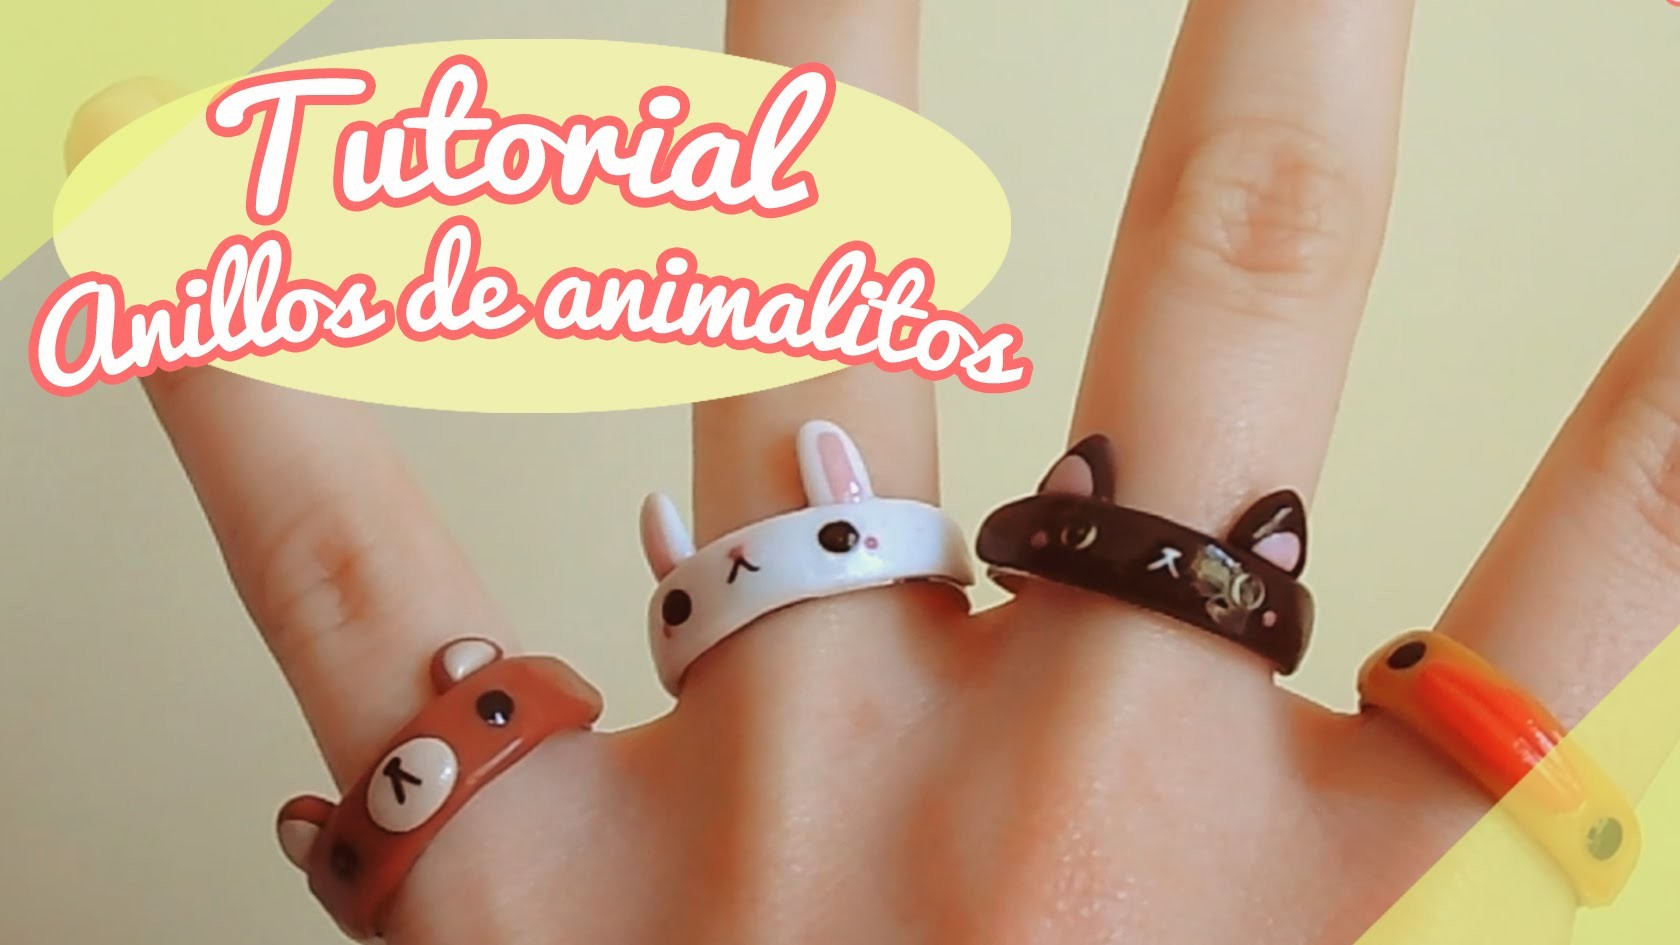 【TUTORIAL】Cómo hacer anillos de animalitos! ❤ (DIY. How to make a cute animal rings ❤)